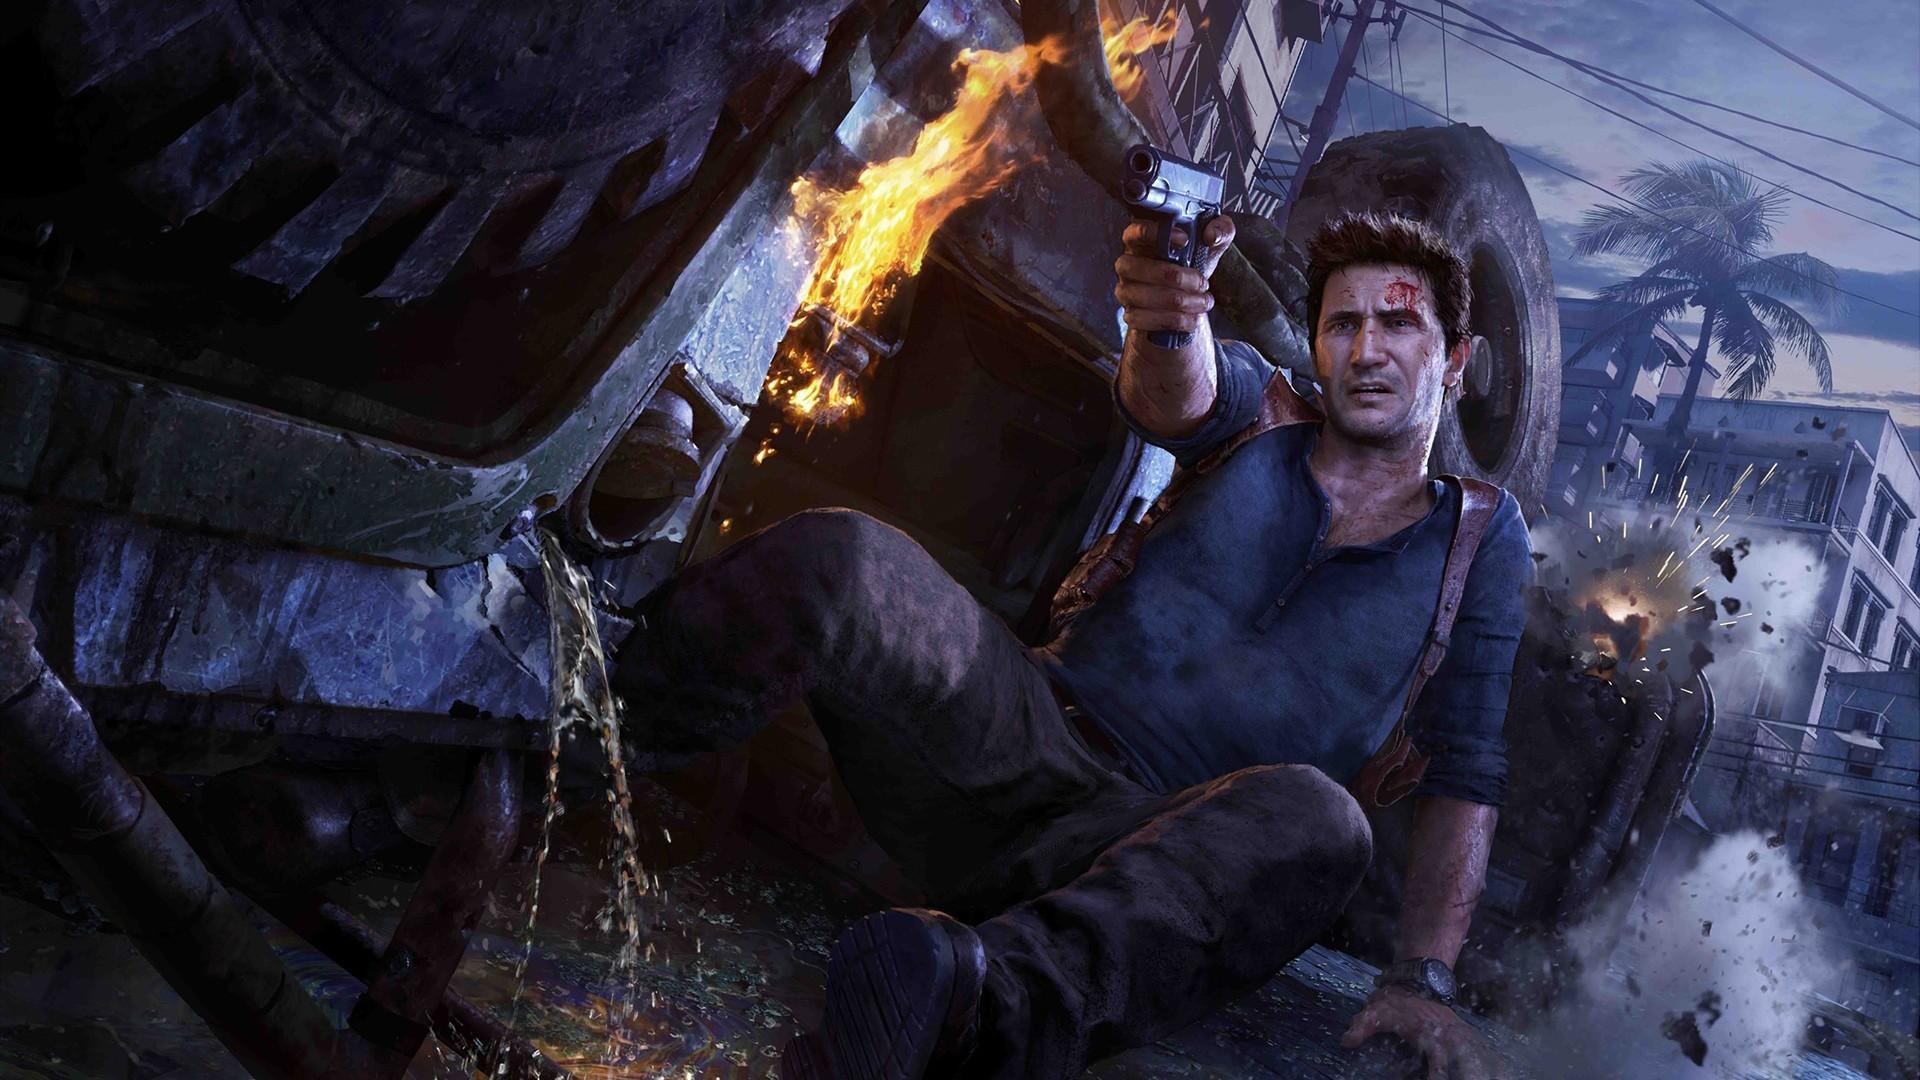 Обзор двух артбуков по Uncharted - Высокохудожественное приключение по серии игр 27